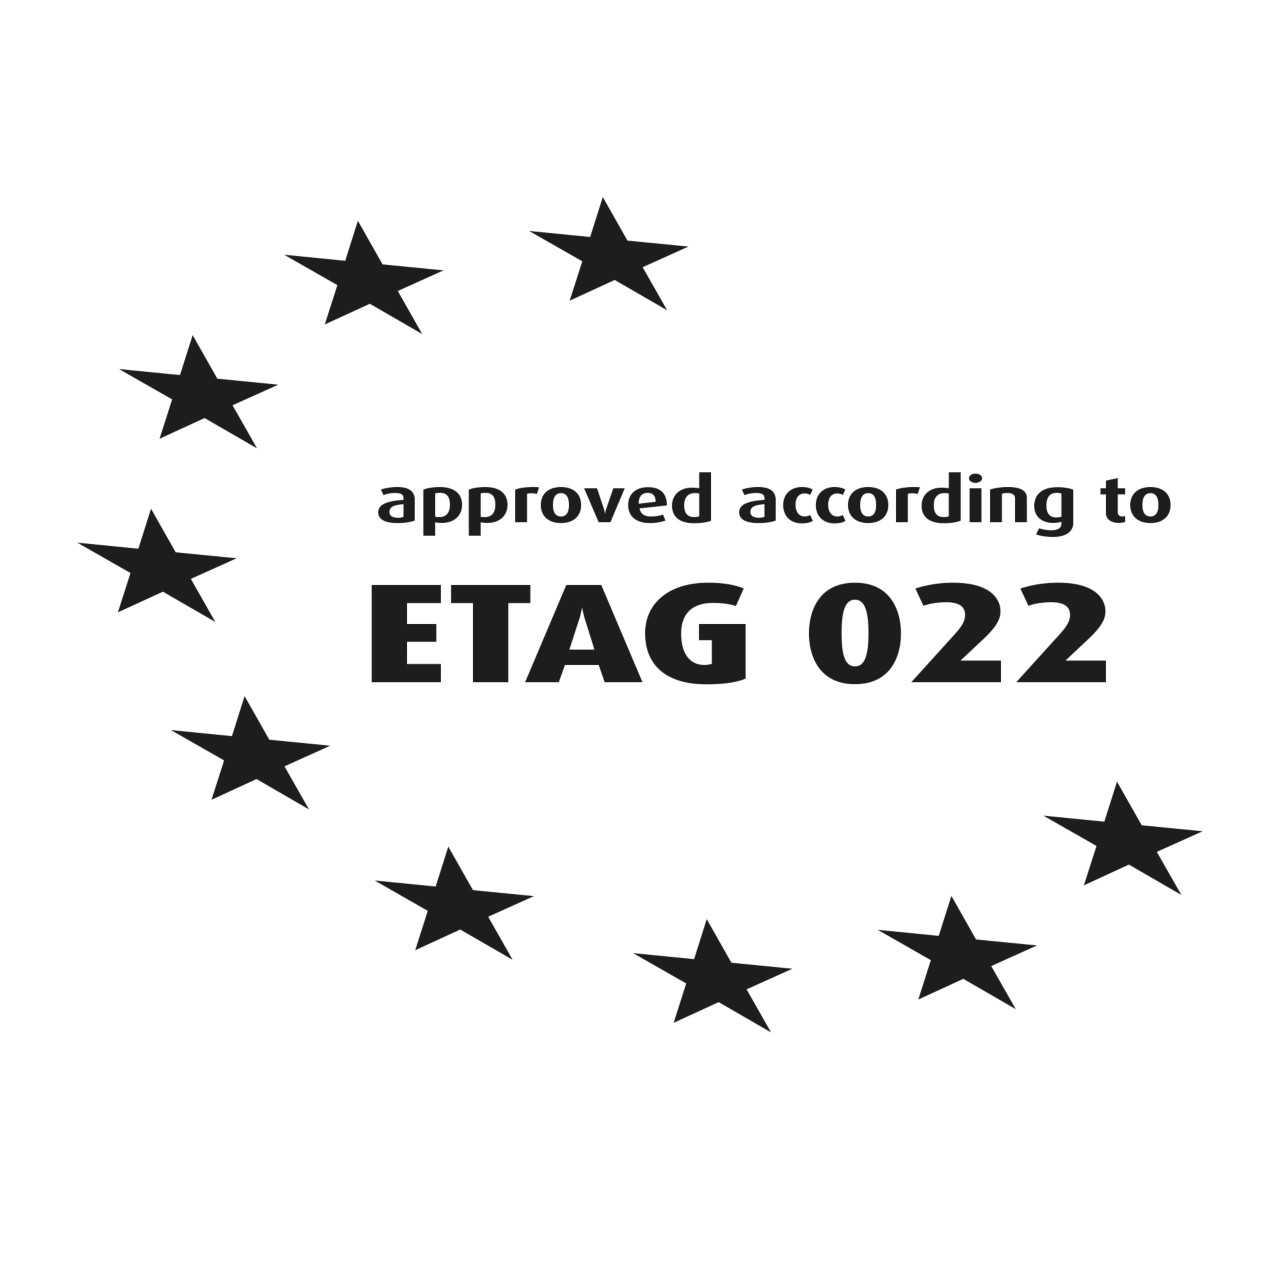 ETAG-022